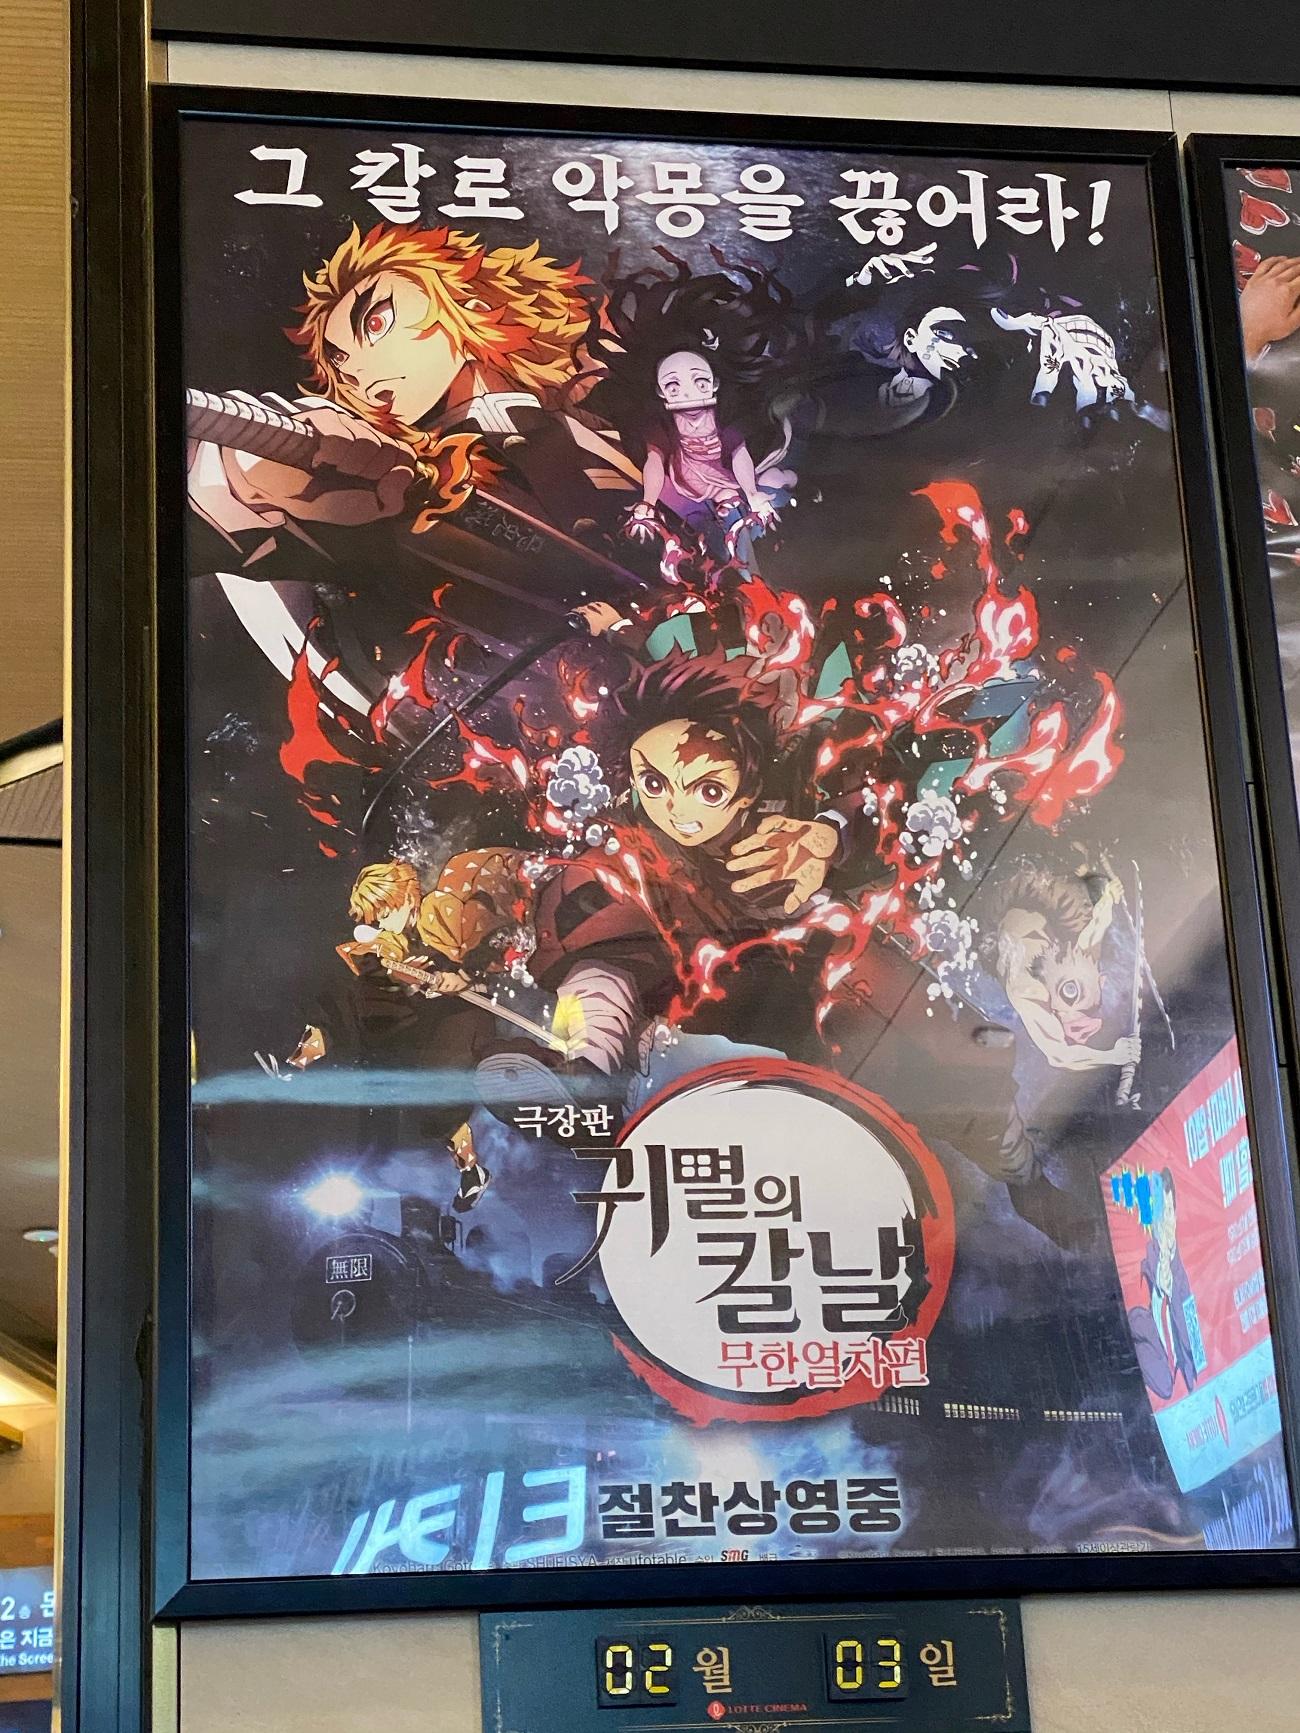 韓国の映画館に貼られた『鬼滅の刃』のポスター=撮影・筆者